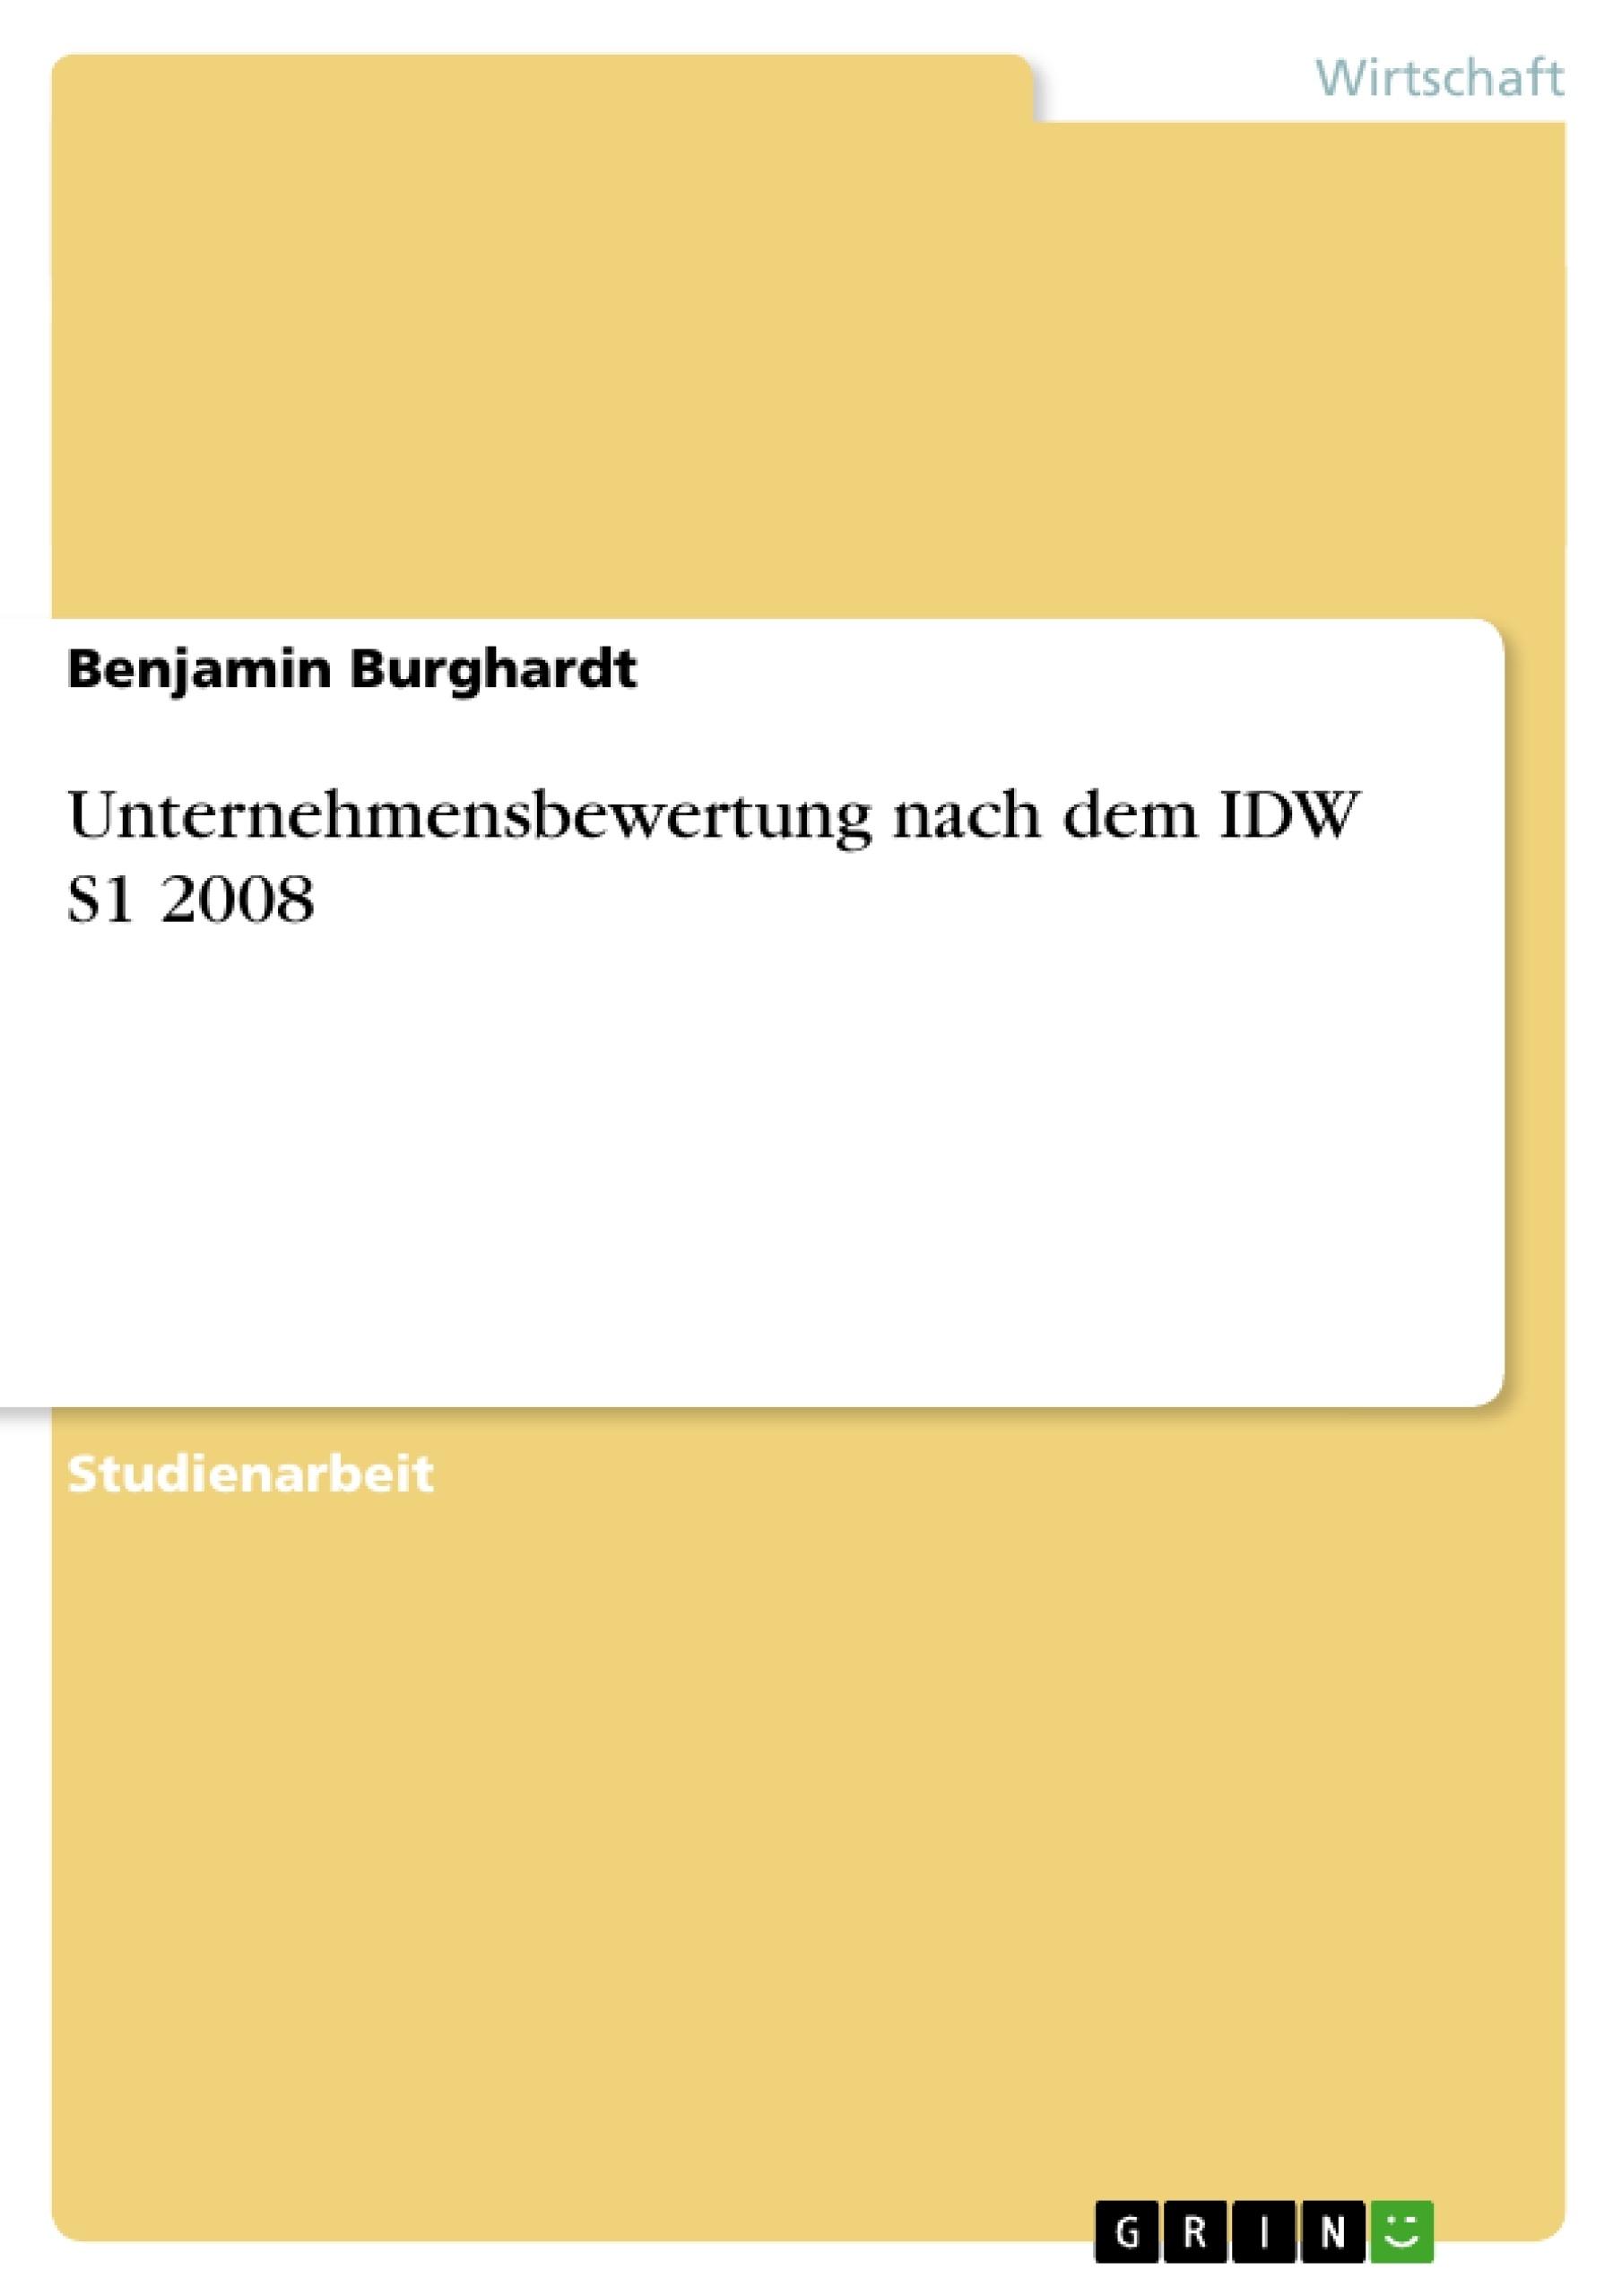 Titel: Unternehmensbewertung nach dem IDW S1 2008